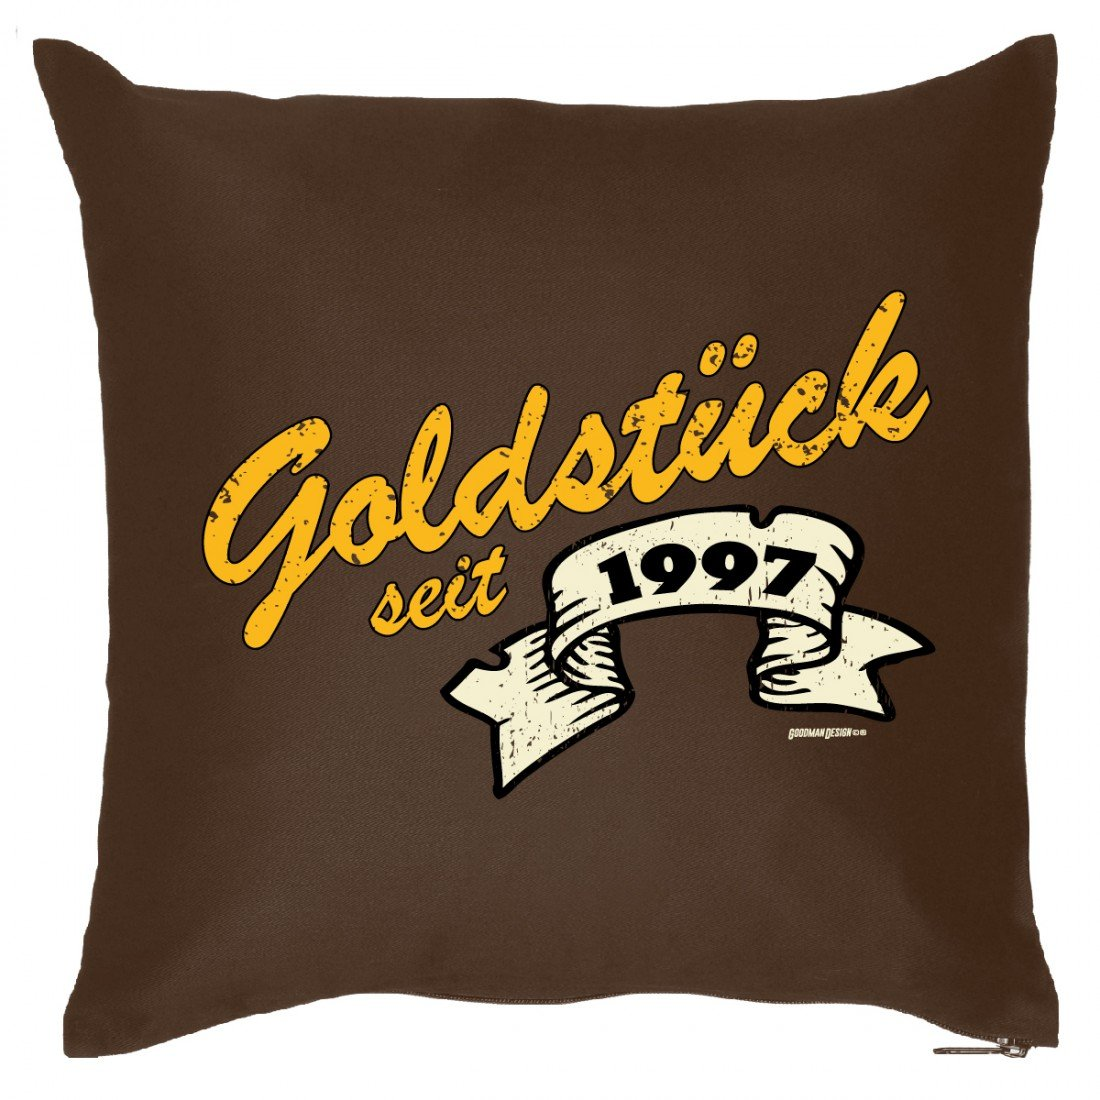 Couch Kissen mit Jahrgang zum Geburtstag - Goldstück seit 1997 - Sofakissen Wendekissen mit Spruch und Humor